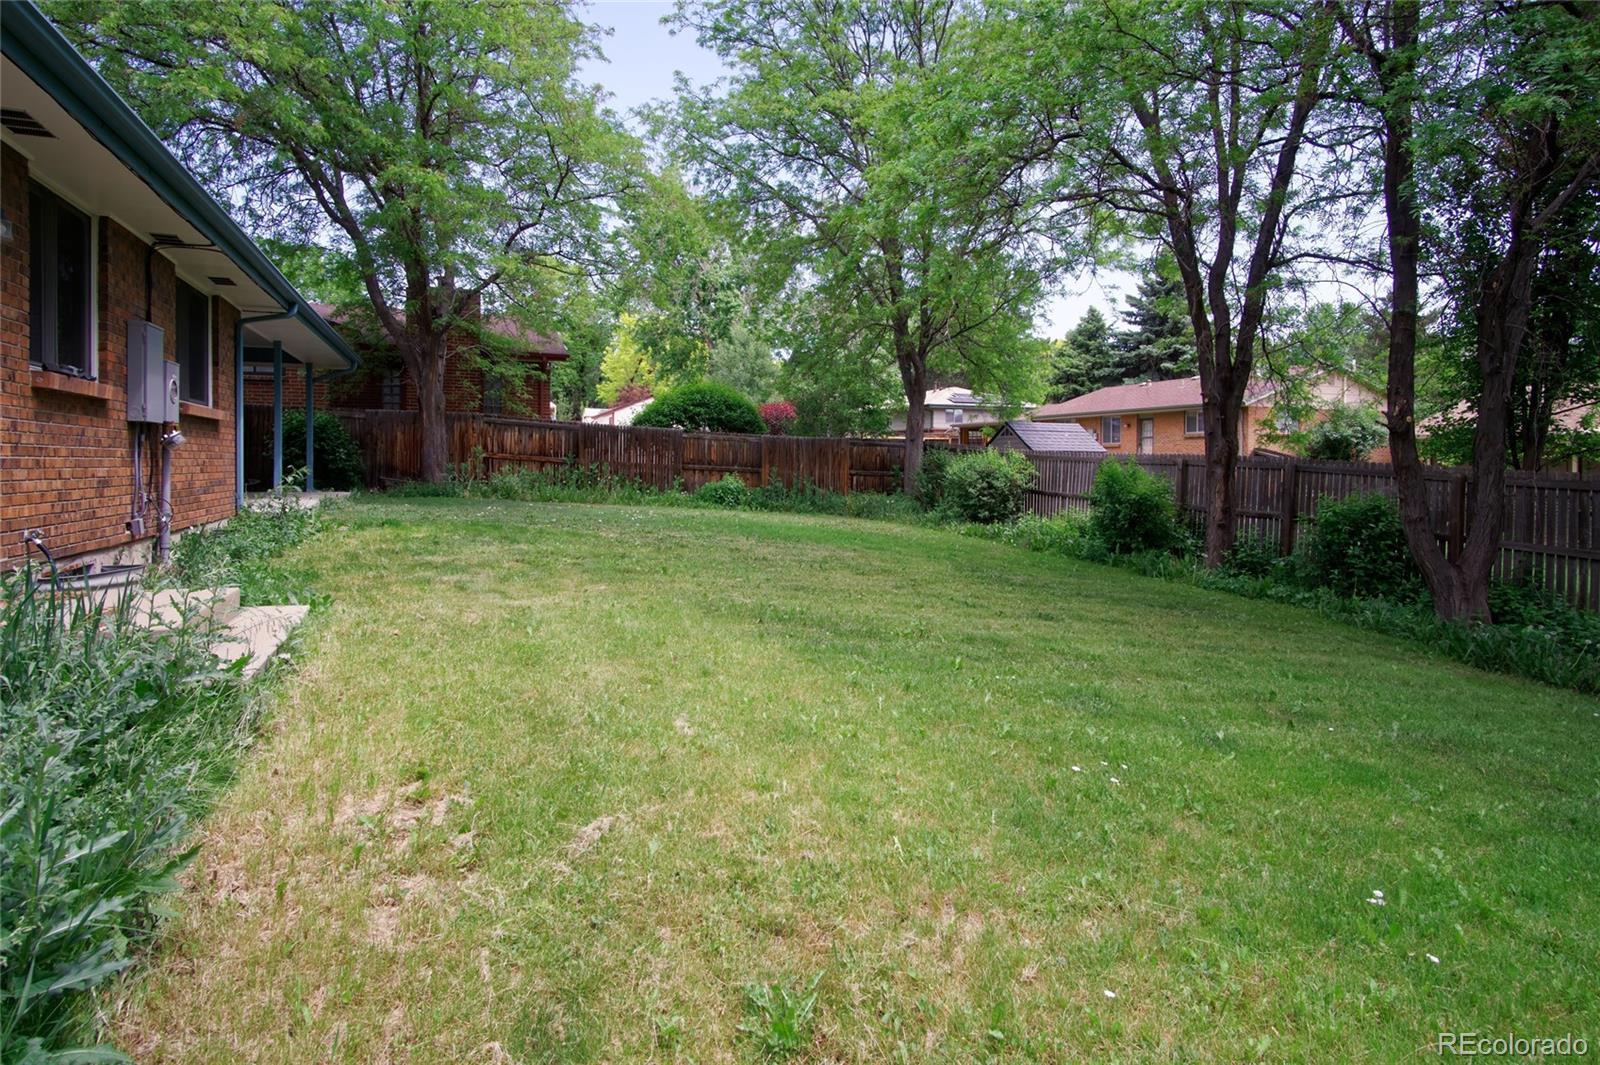 MLS# 5595766 - 34 - 2616 S Flower Street, Lakewood, CO 80227